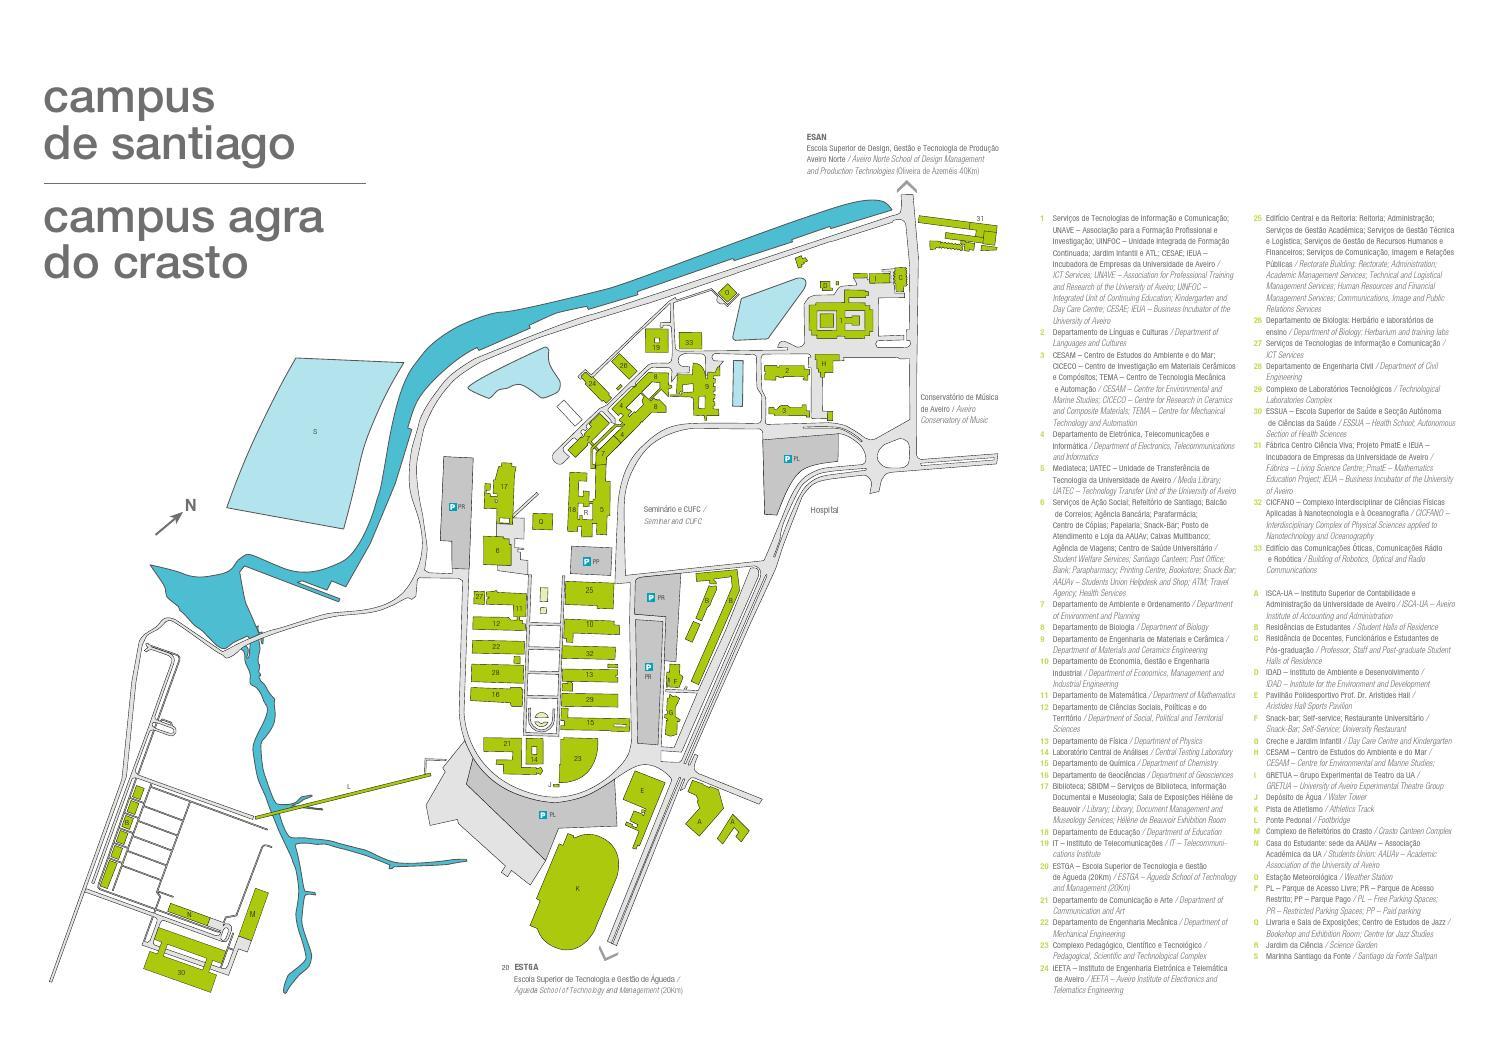 mapa da universidade de aveiro Mapa do Campus by Universidade de Aveiro   issuu mapa da universidade de aveiro